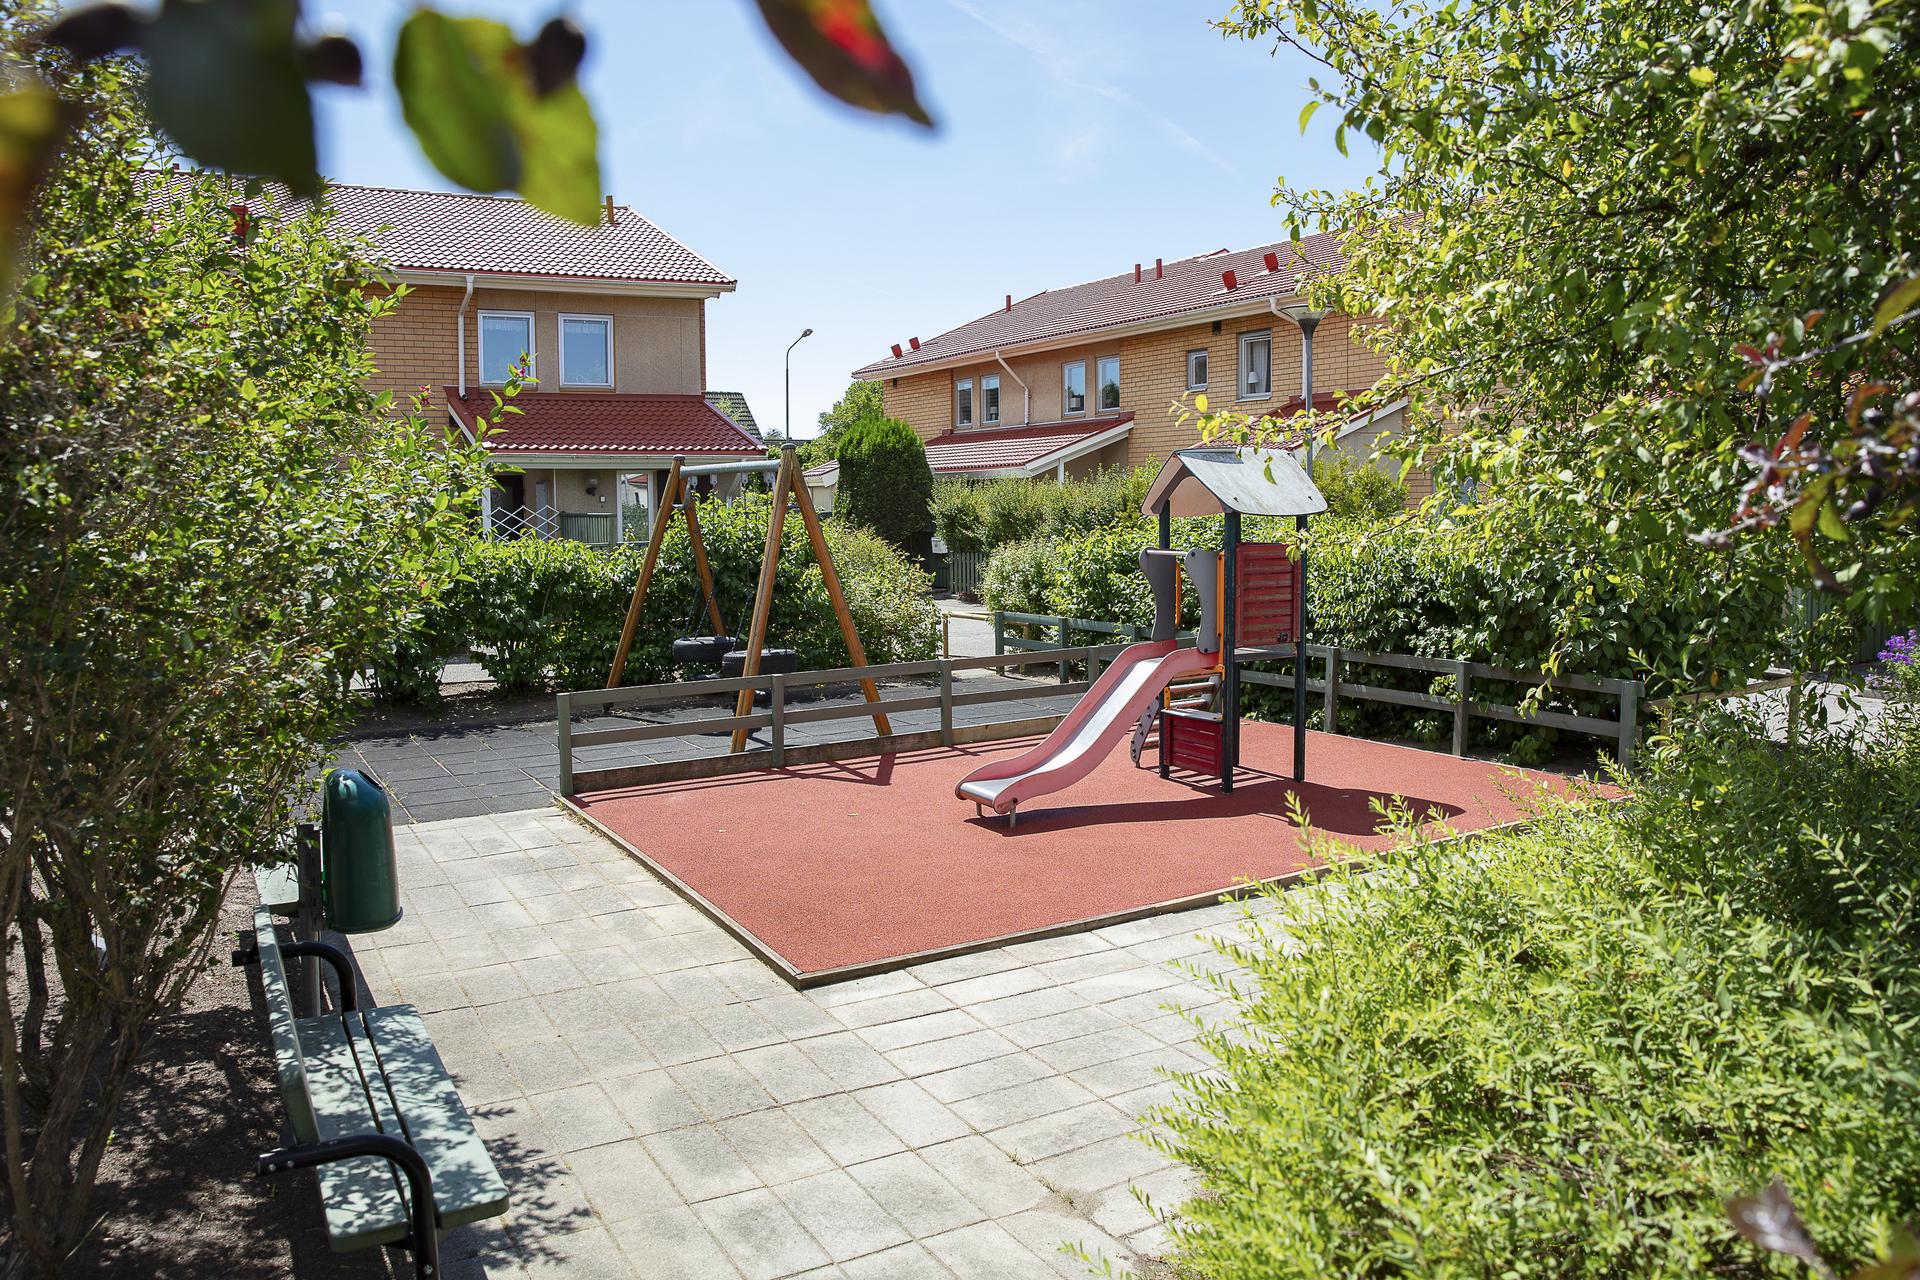 Här finns lekplats åt barnen